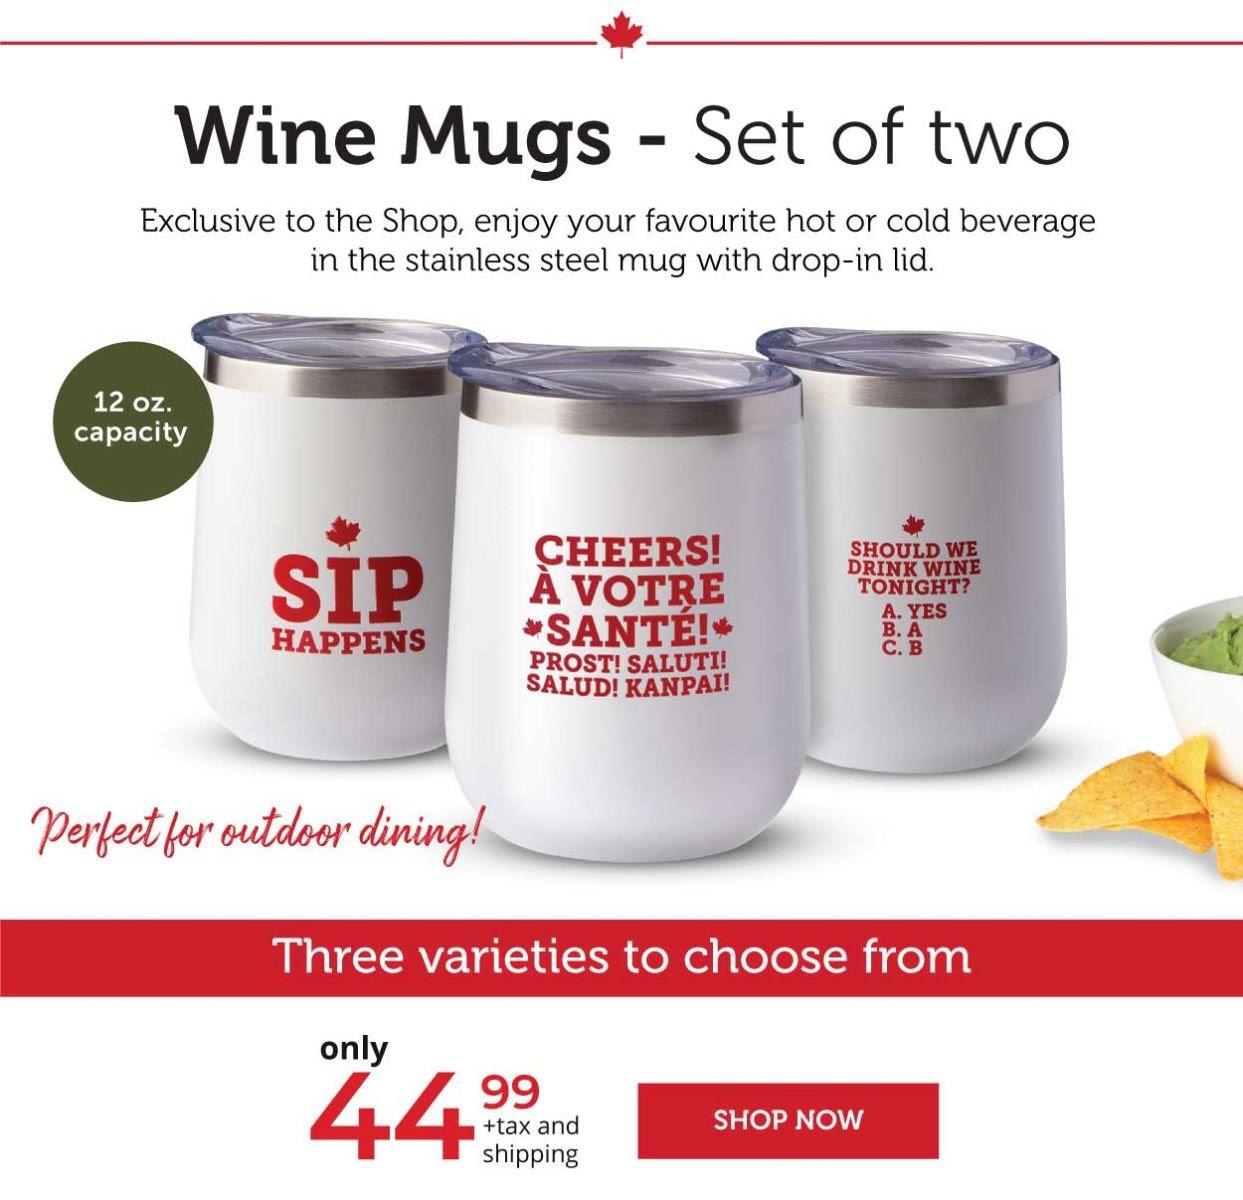 Wine Mugs - Set of two